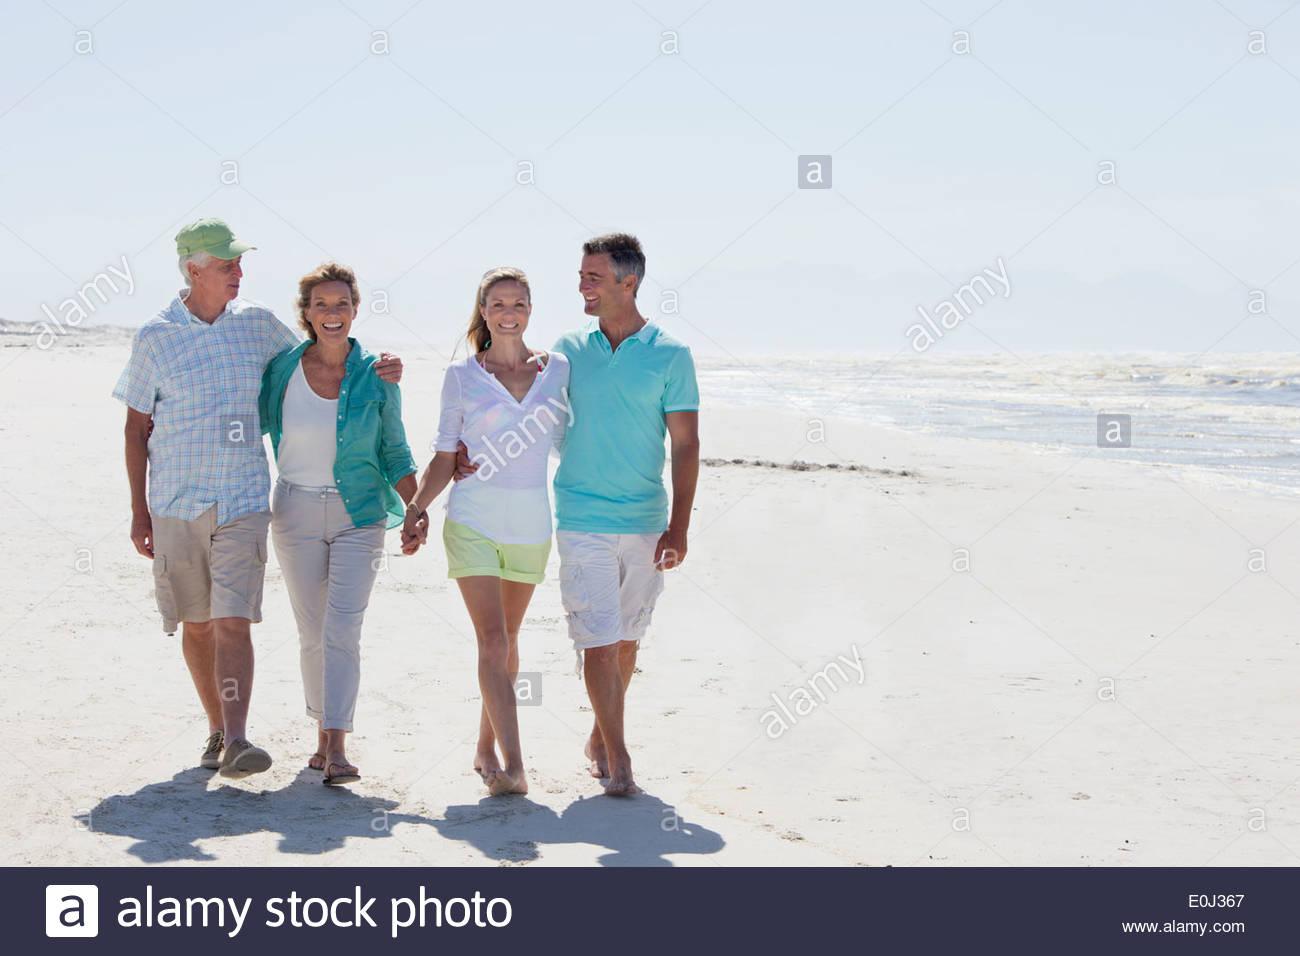 Happy couples walking on sunny beach Photo Stock